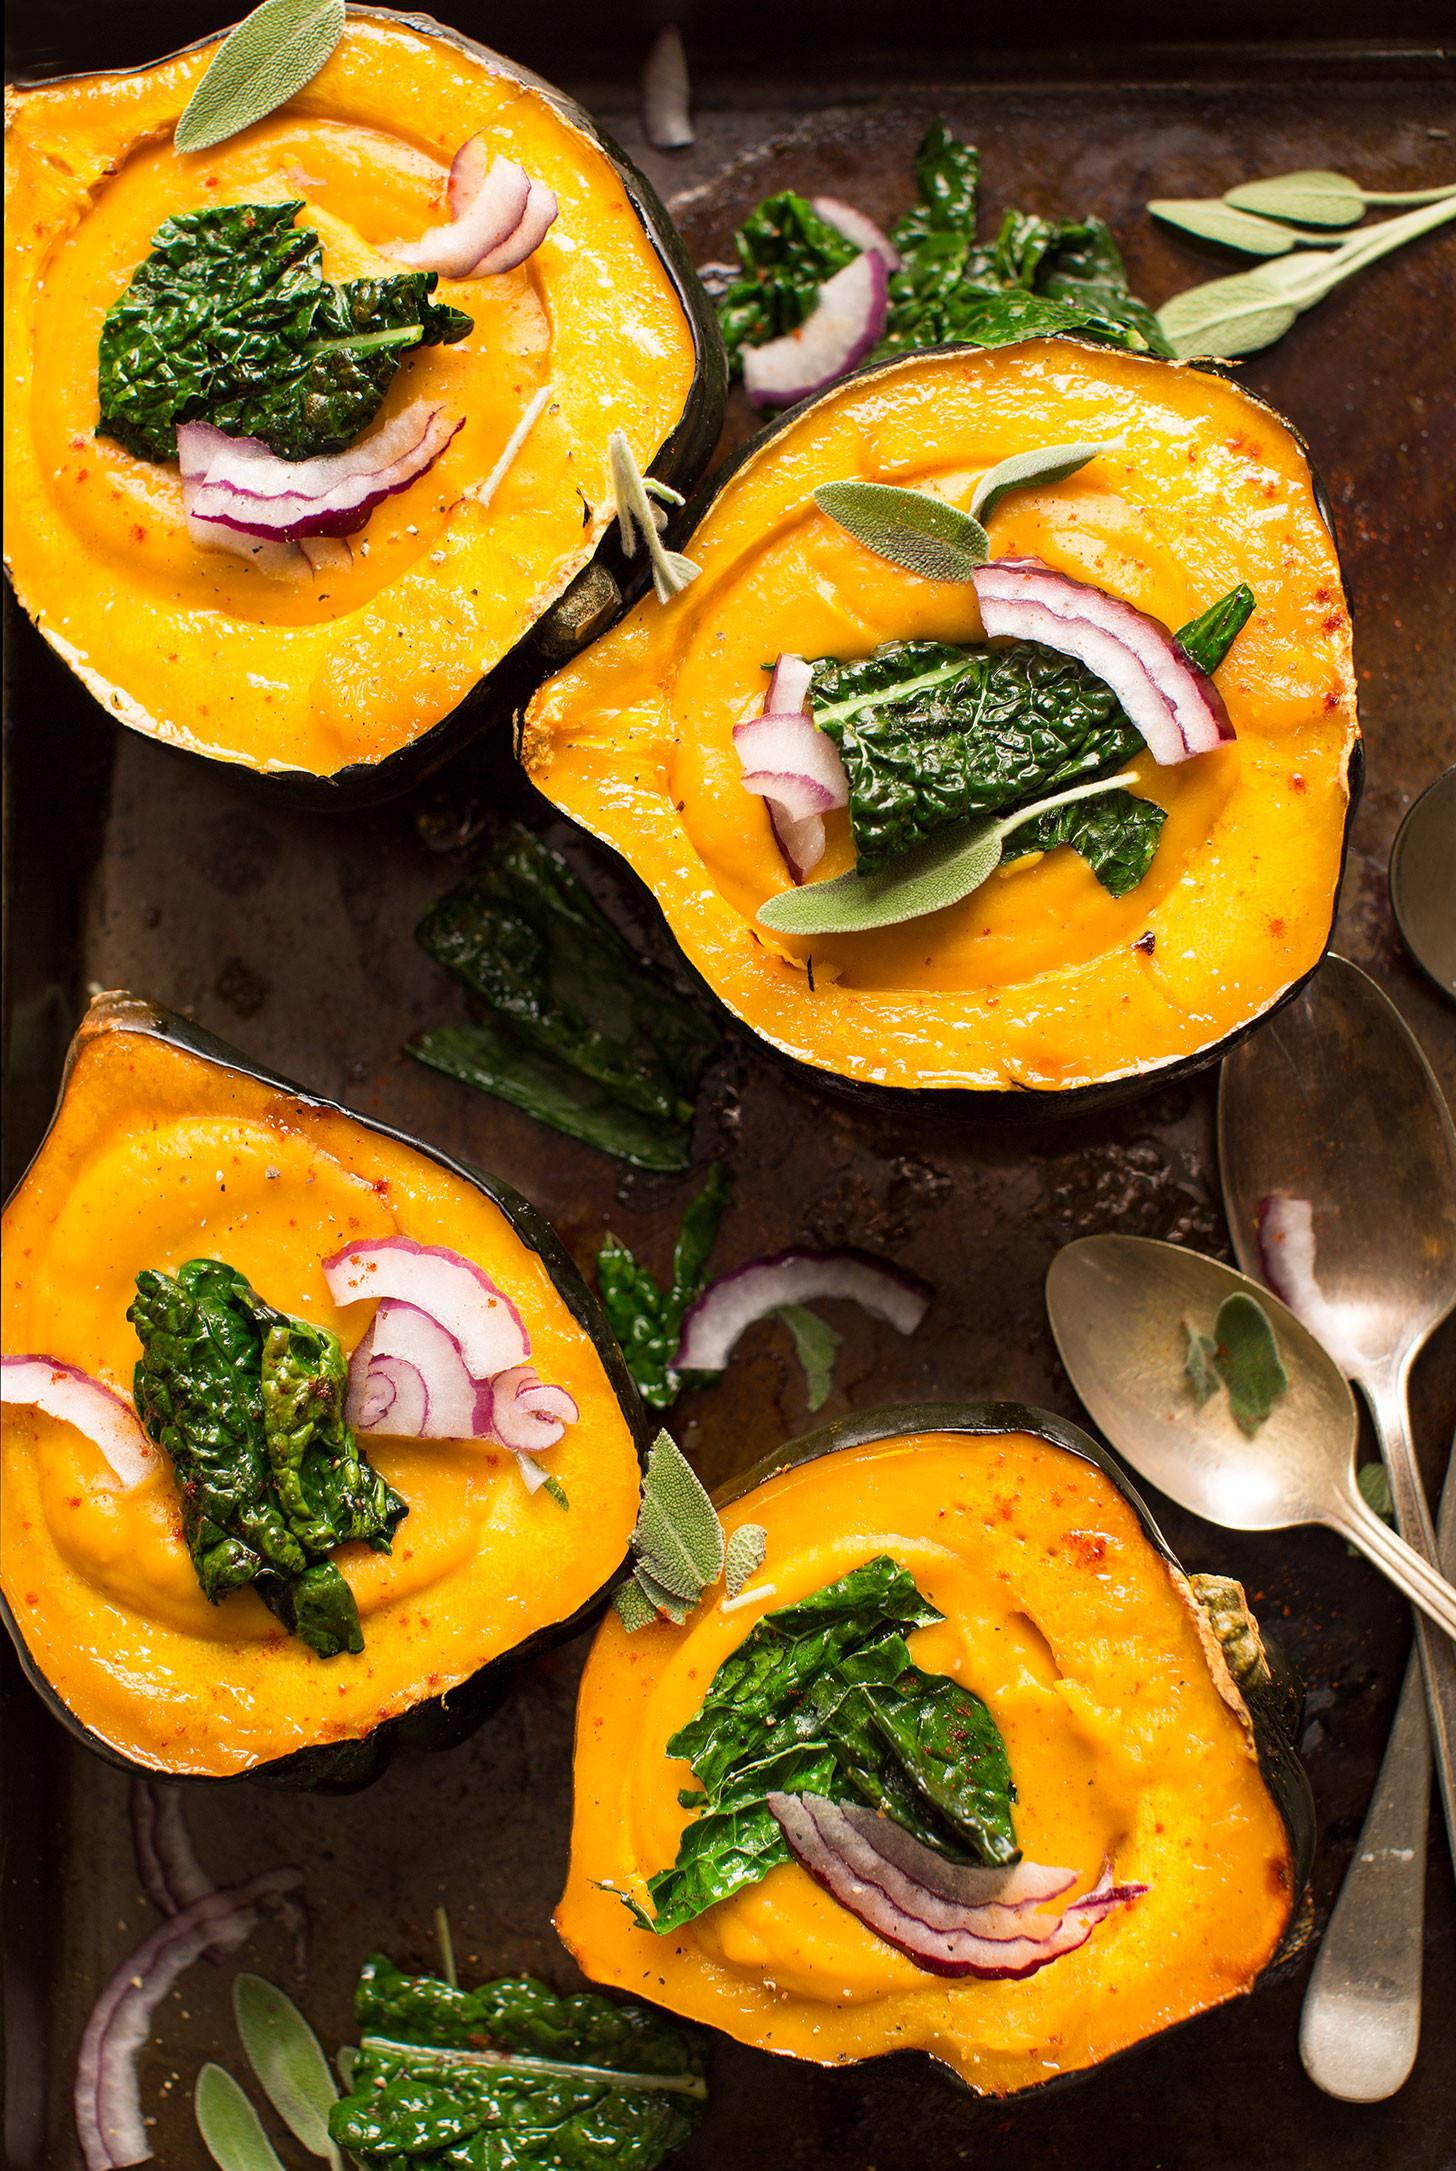 Vegan Squash Recipes  30 Amazing Vegan Thanksgiving Recipe Ideas Brighter Sides